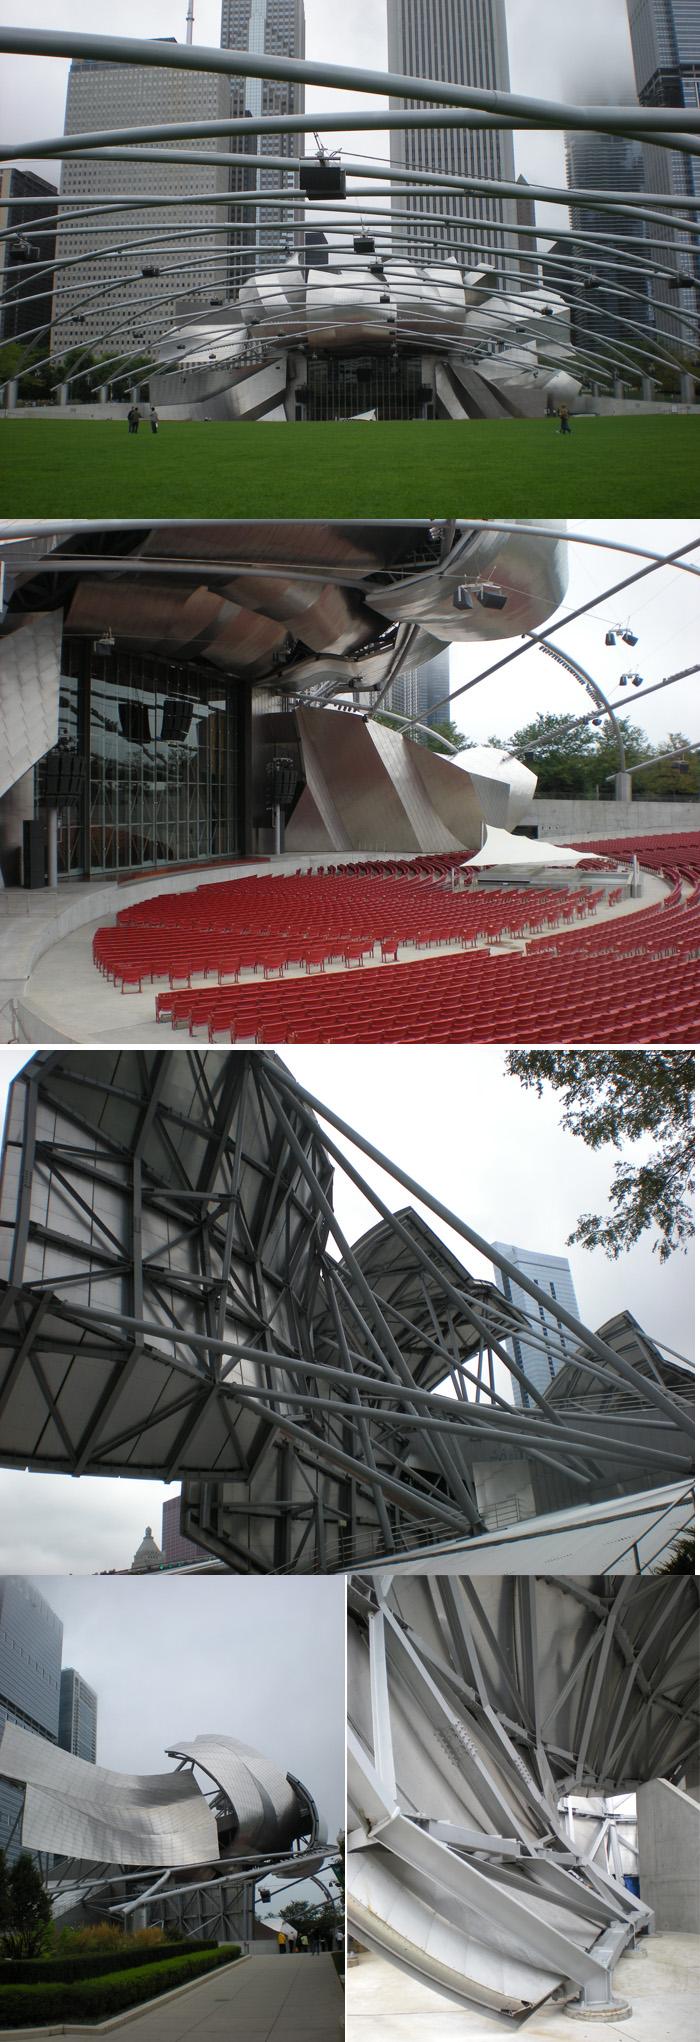 앞면만 있고 뒷면은 없는 평면건축, Jay Pritzker Pavillon by Frank Gehry